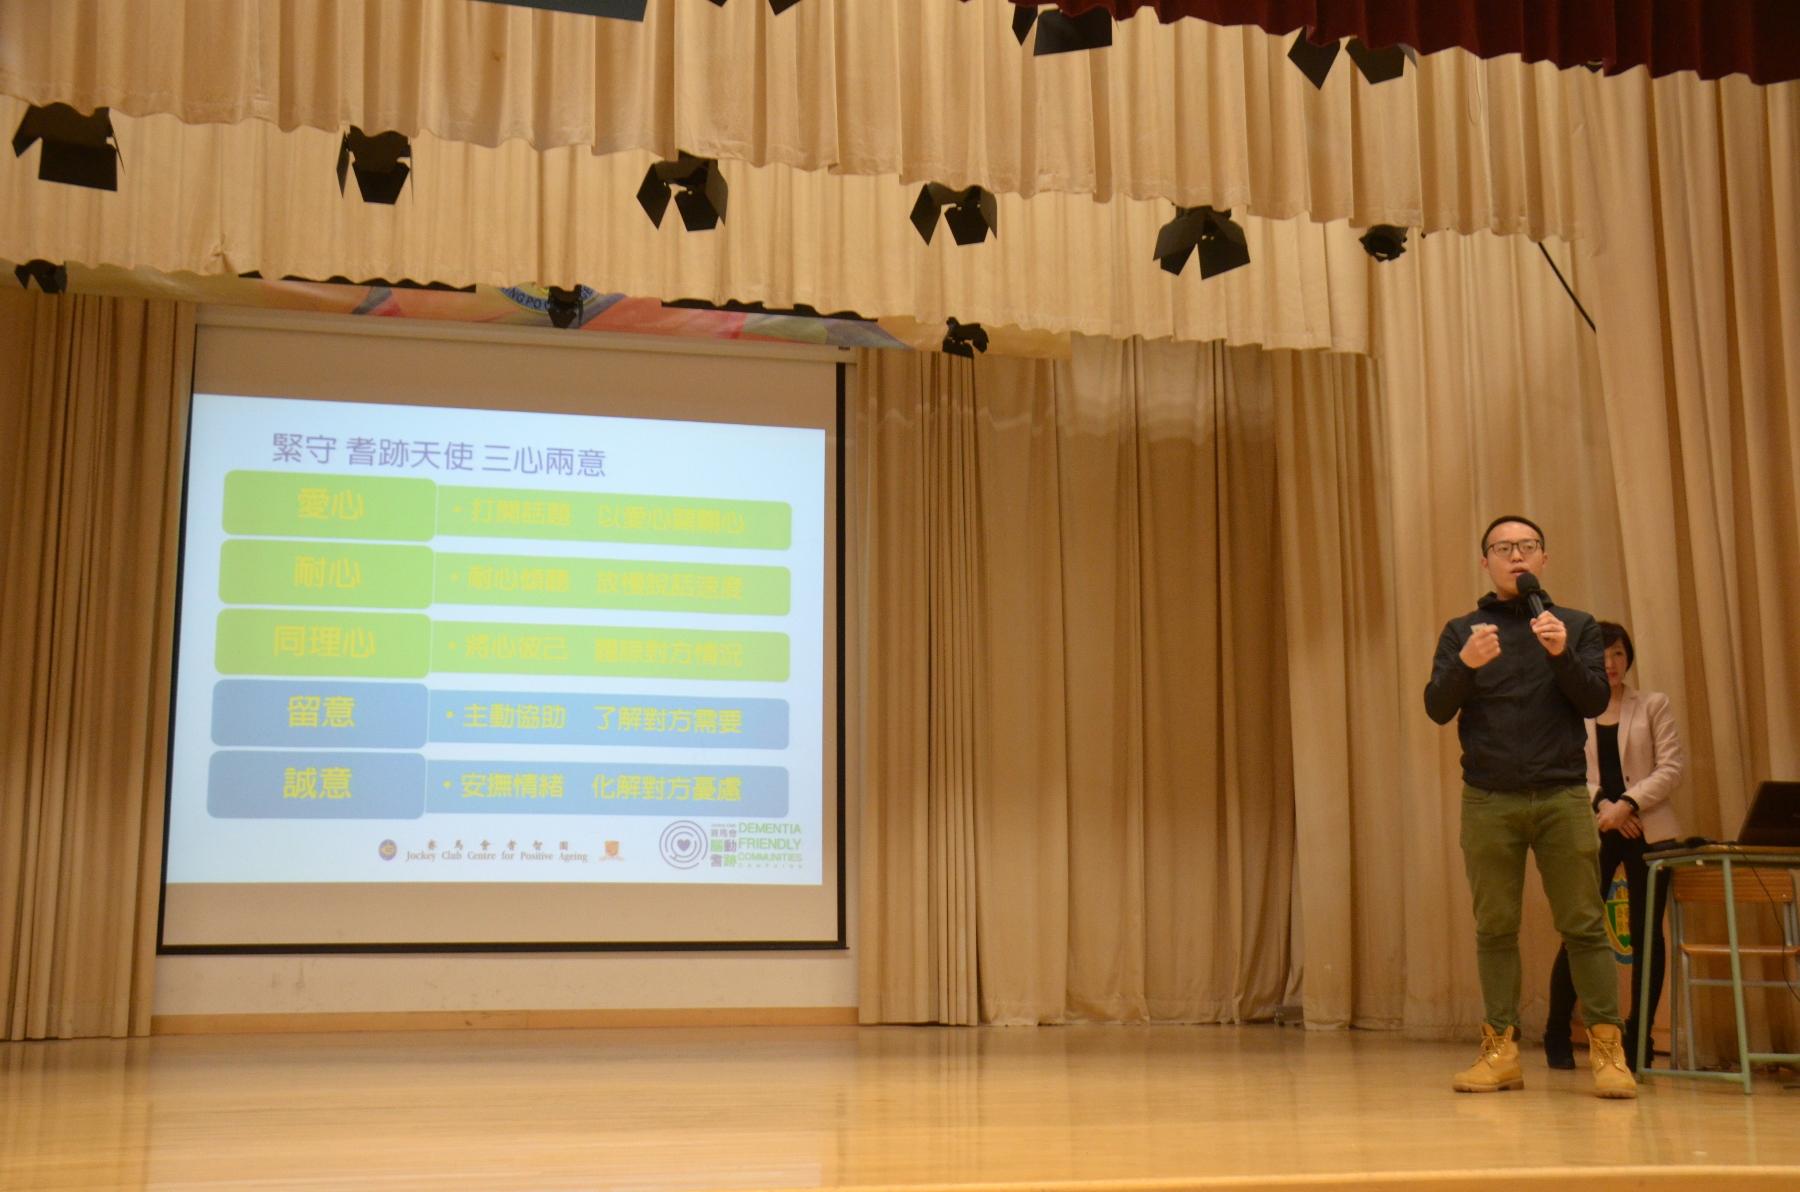 https://www.npc.edu.hk/sites/default/files/dsc_2010.jpg